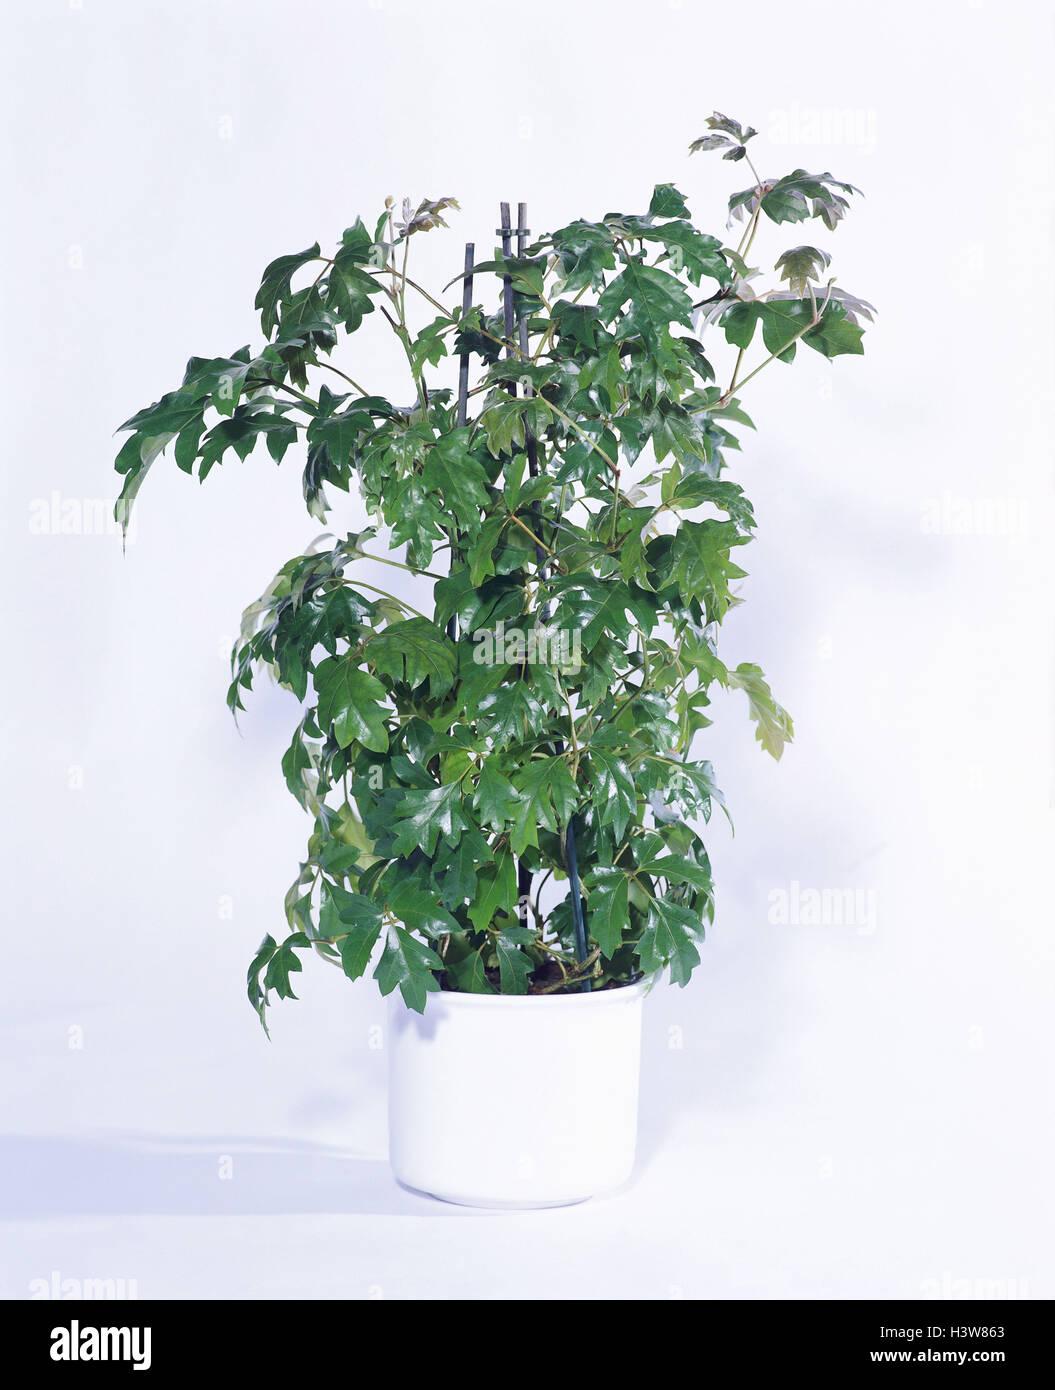 Piante Rampicanti Da Interno pianta rampicante, il segno del cancelletto di arrampicata